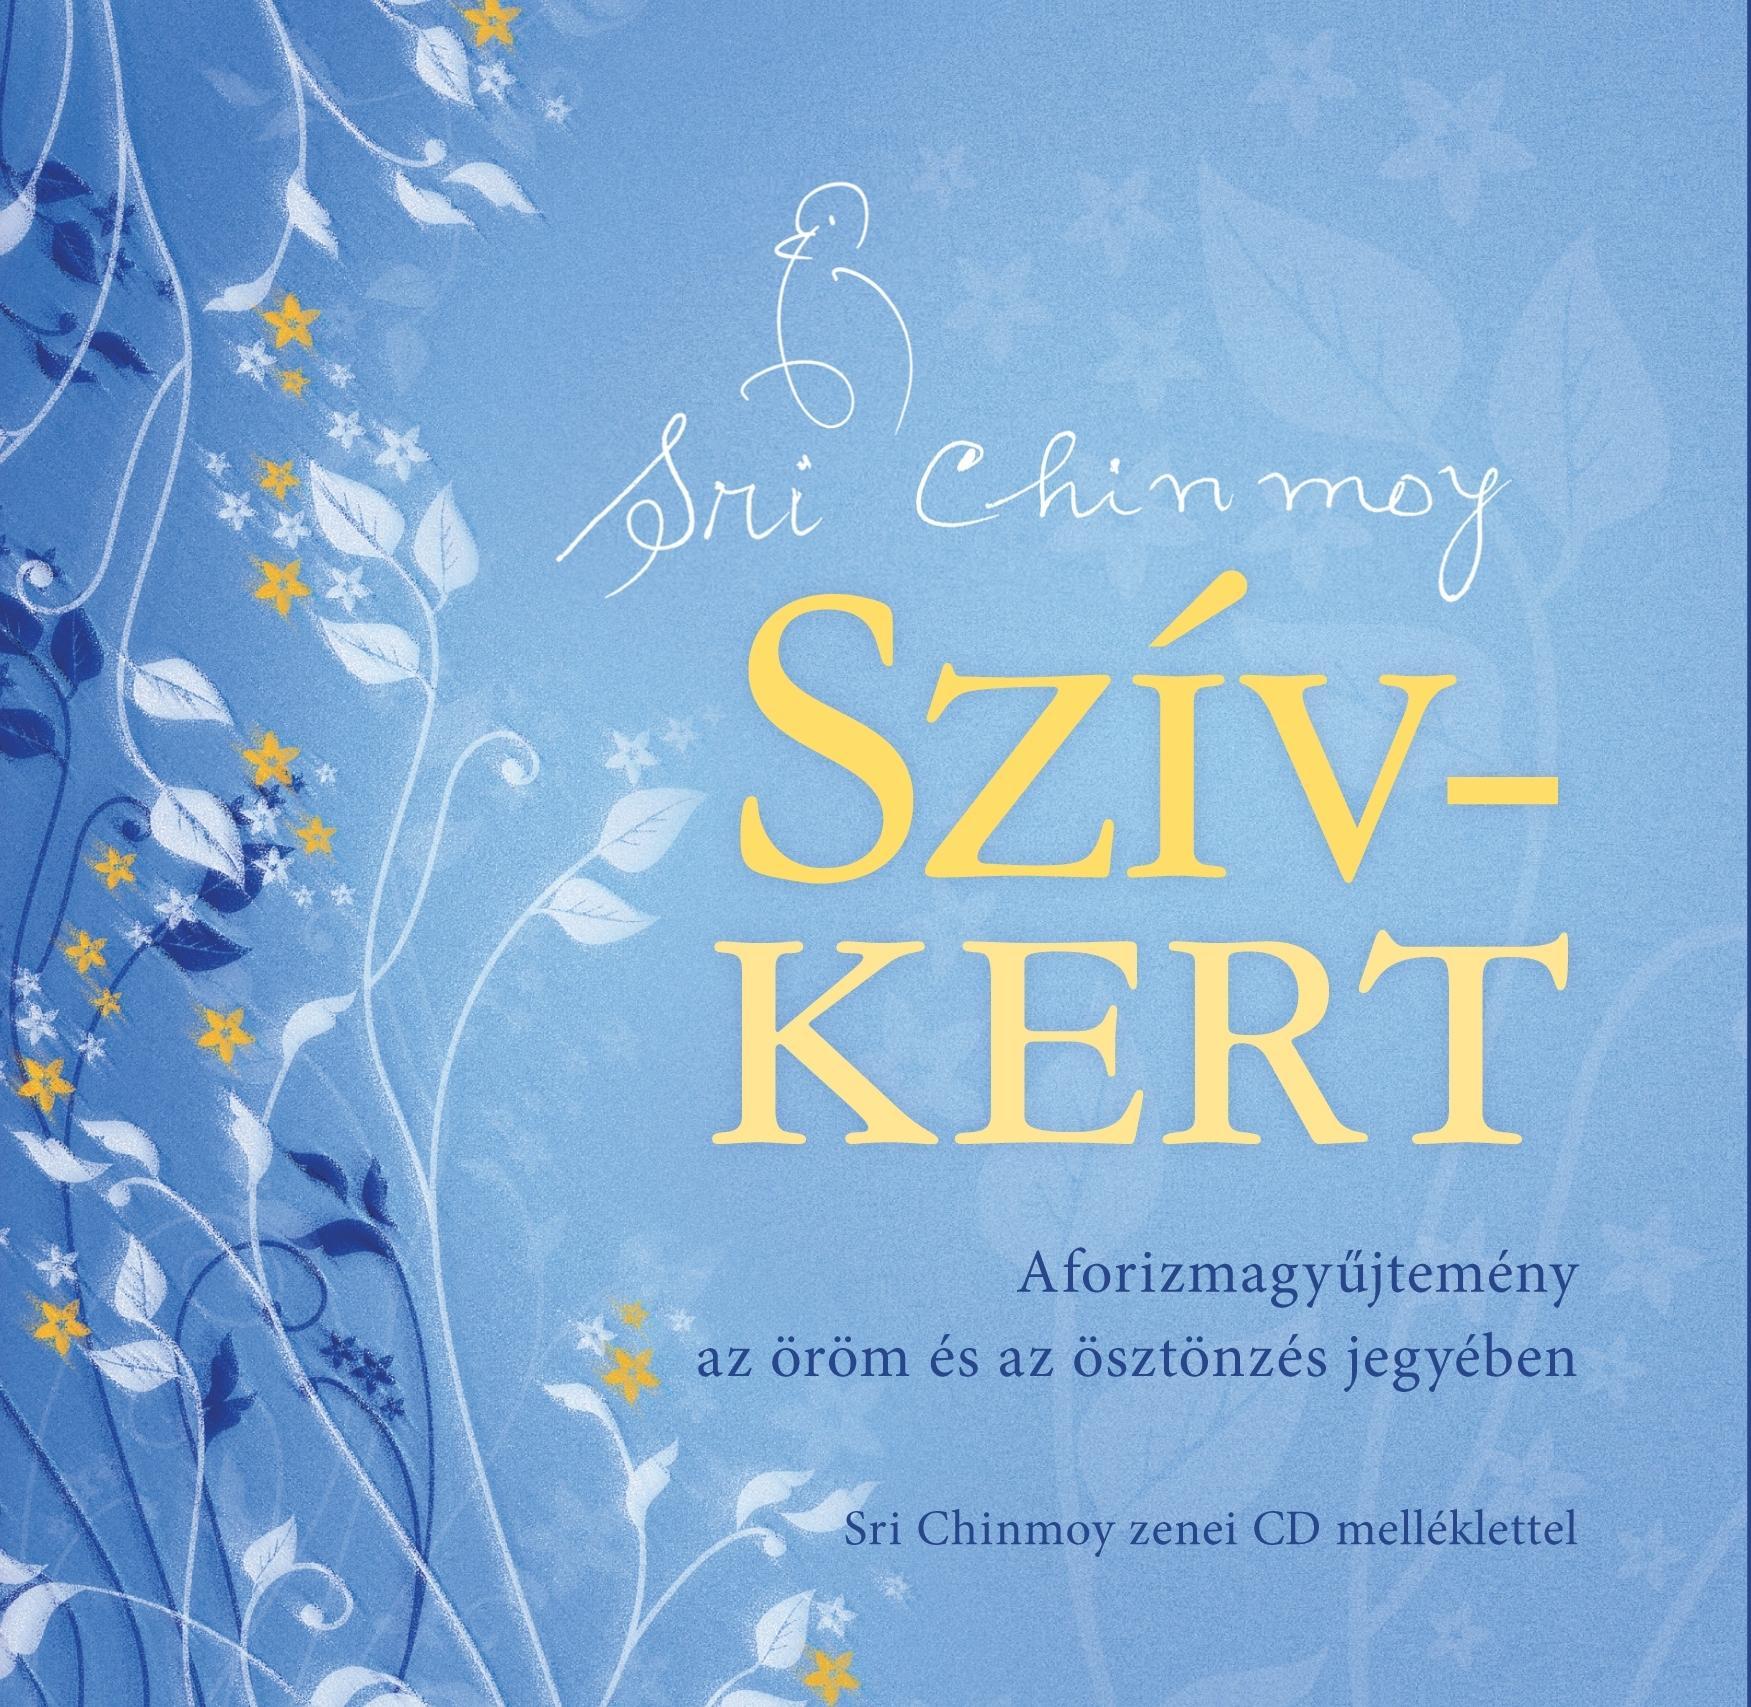 SZÍV-KERT - AFORIZMAGYŰJTEMÉNY + CD